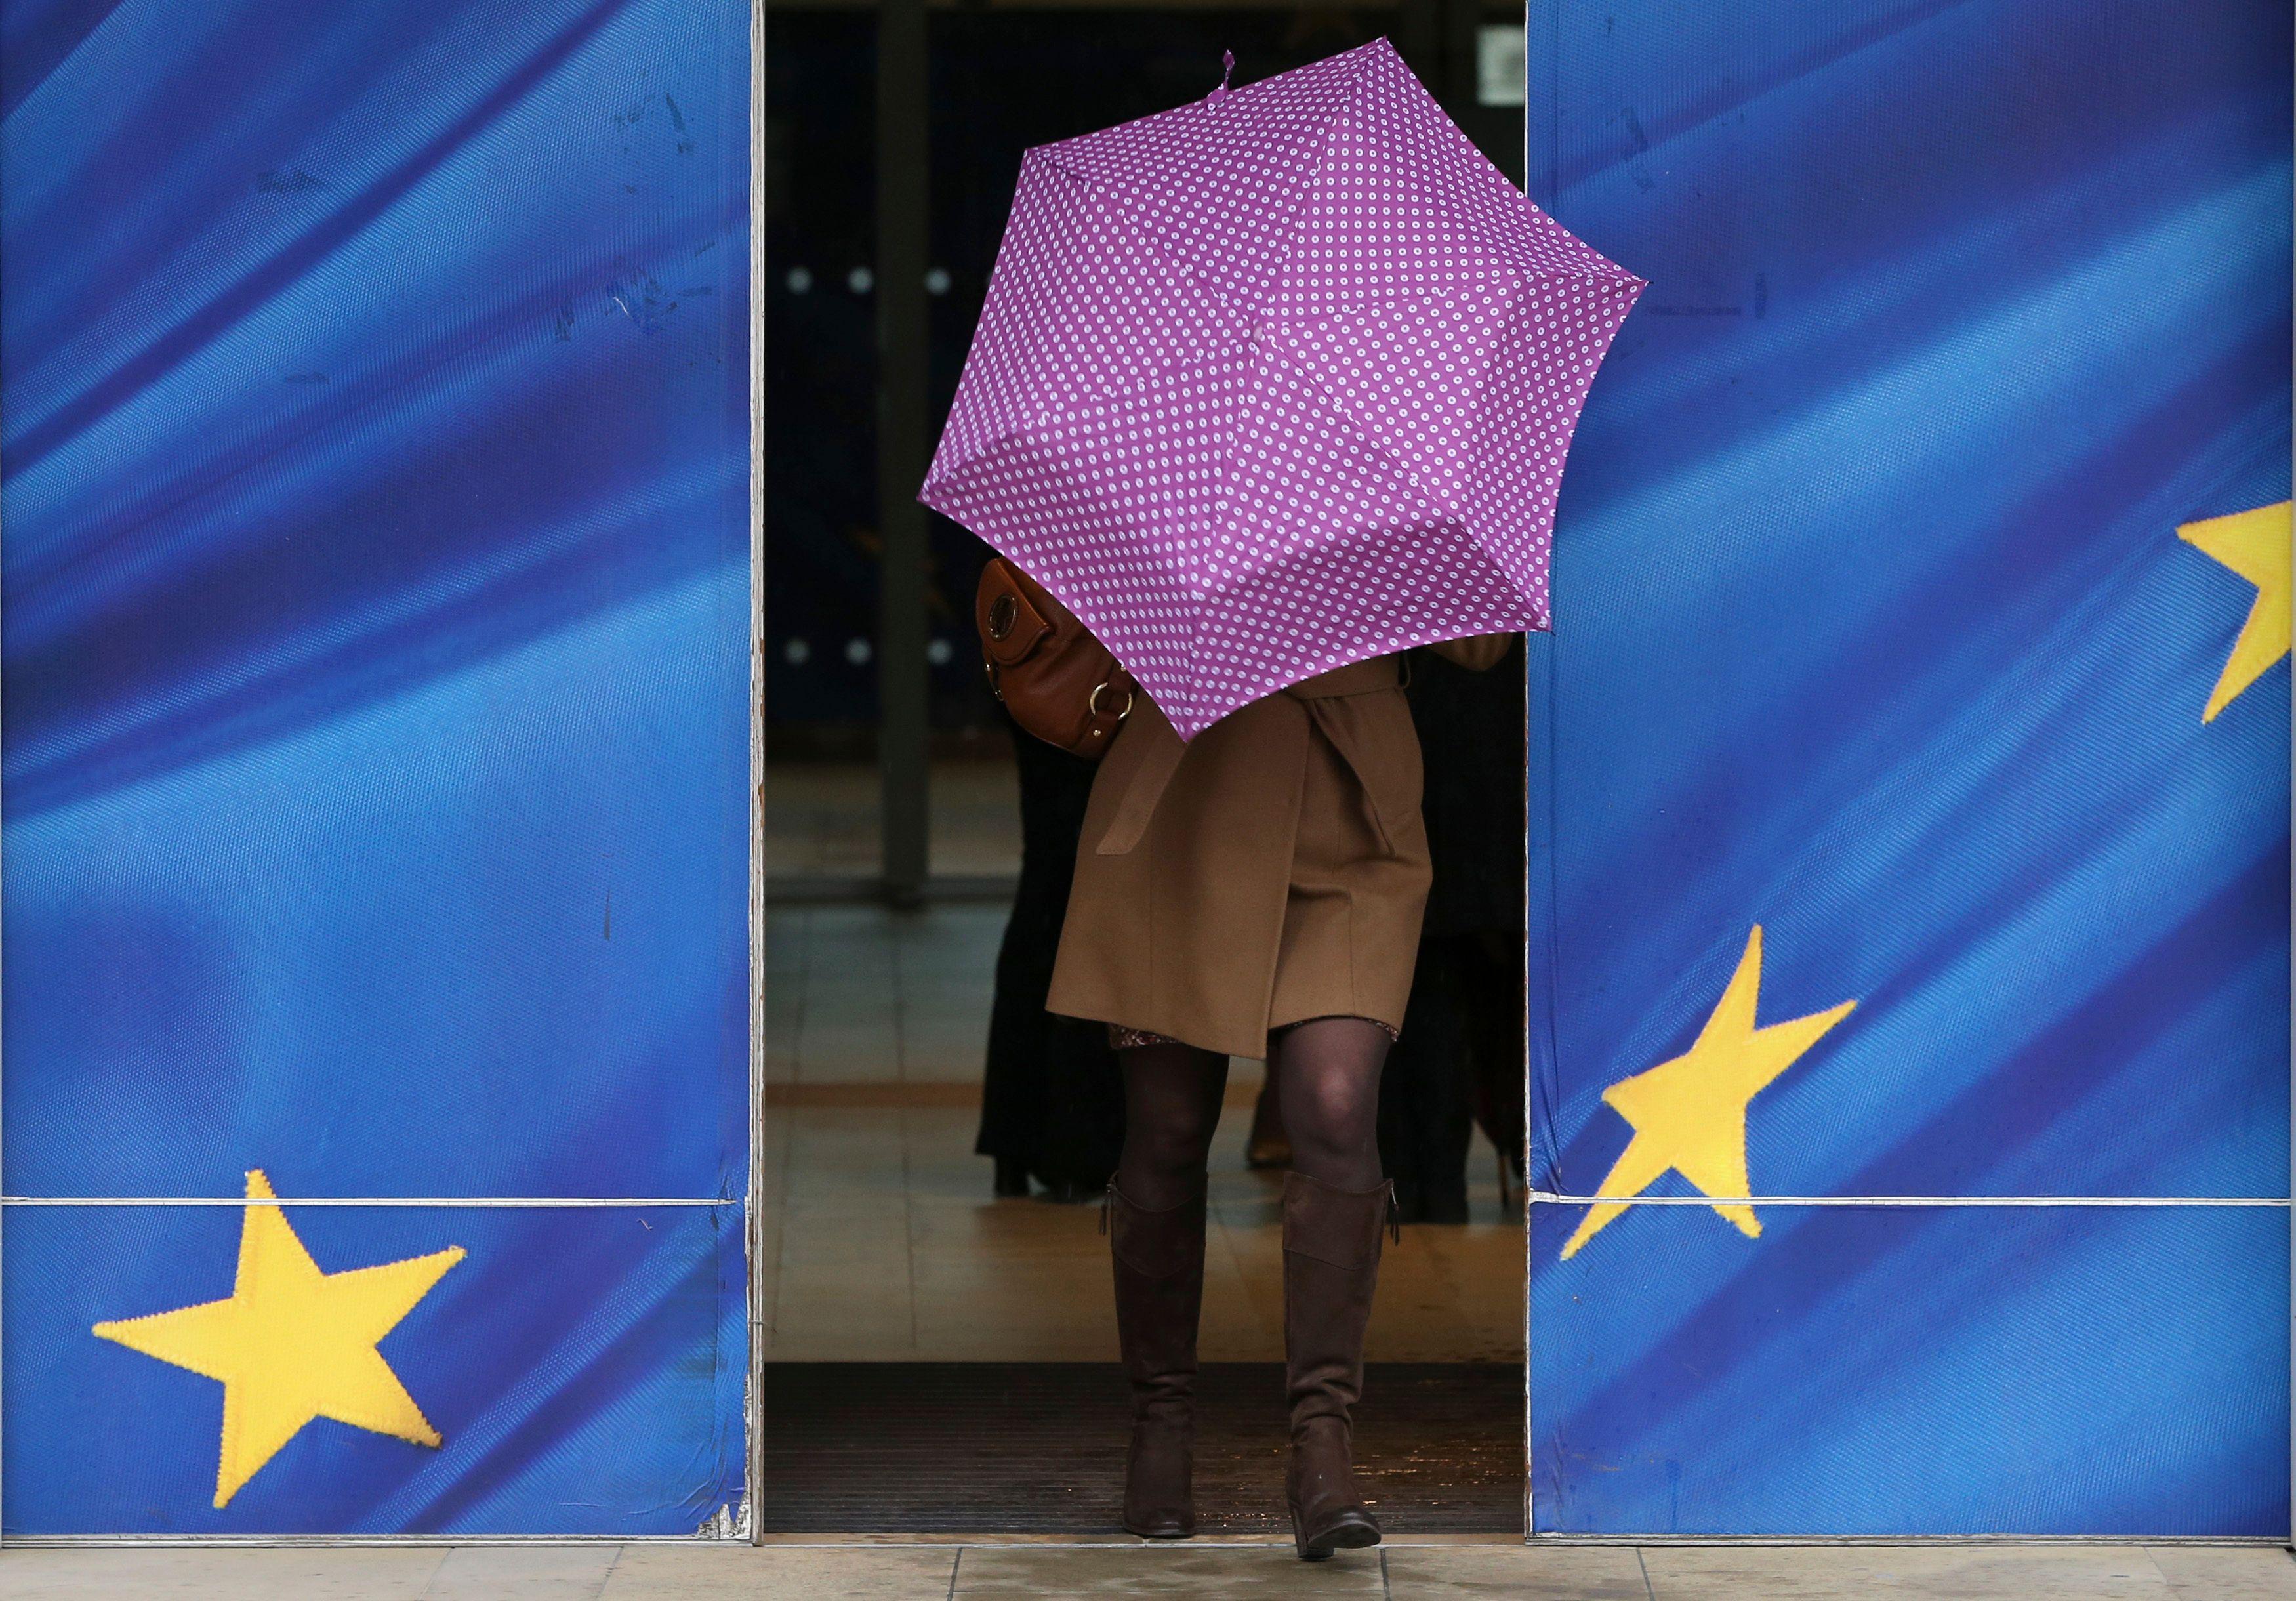 8 candidats à l'euro: pourquoi la monnaie unique ne pourra pas plus faire converger leurs économies qu'elle n'a pu le faire pour les États déjà membres